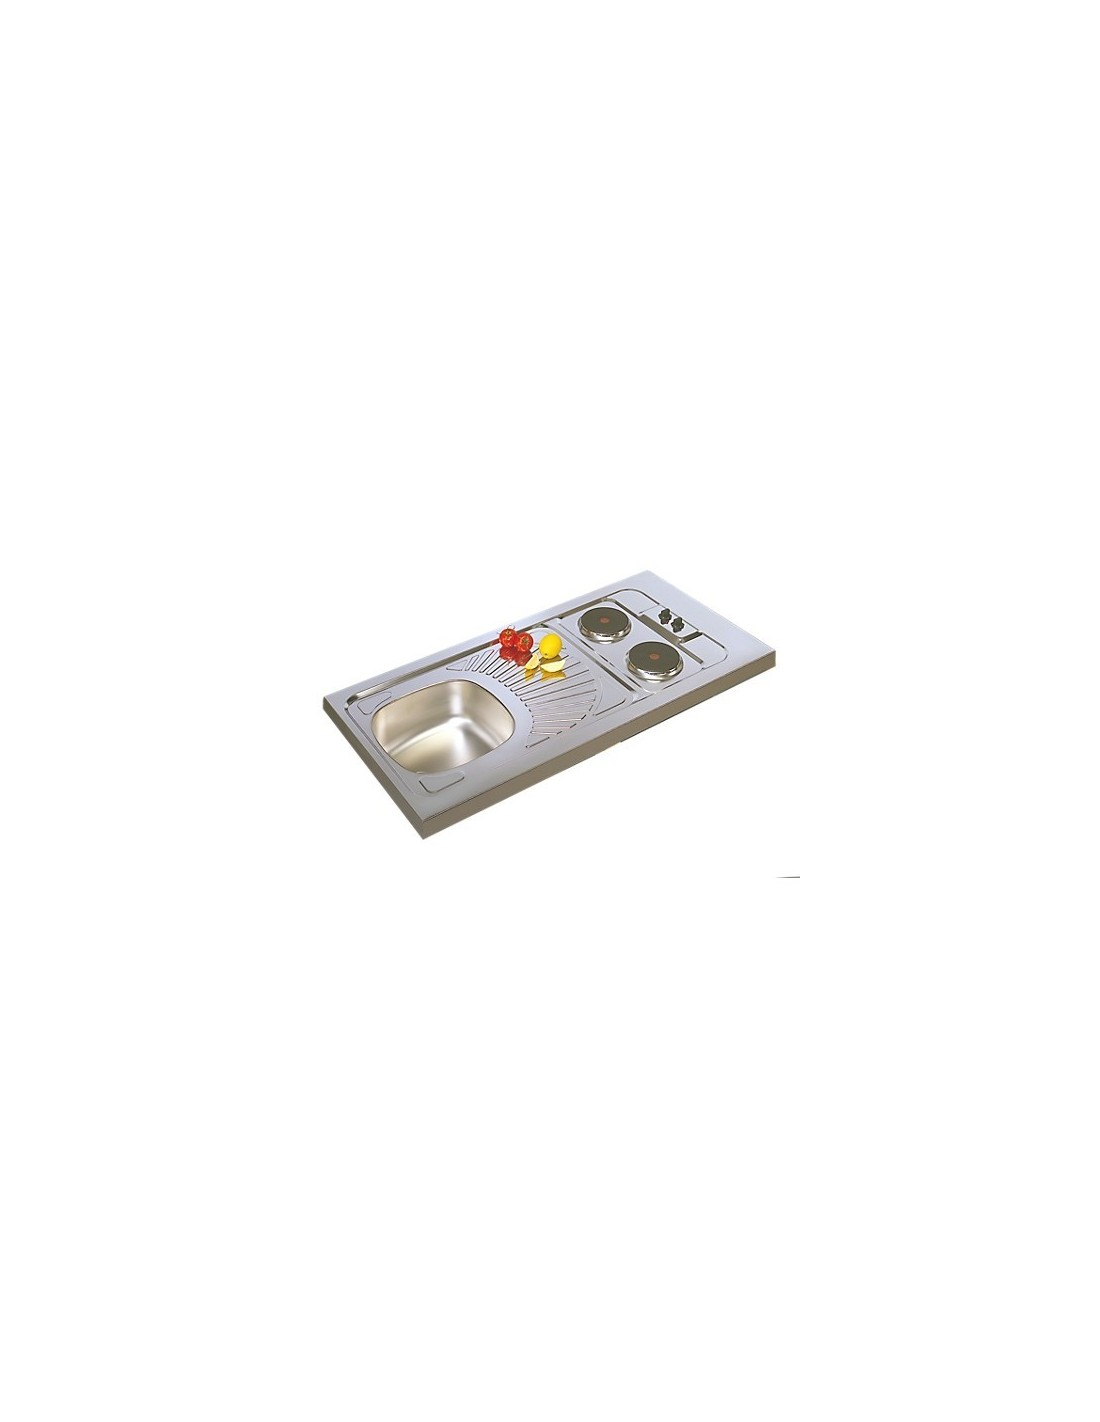 Evier cuisine inox avec plaques de cuisson 100x60 for Plaque inox autocollante cuisine